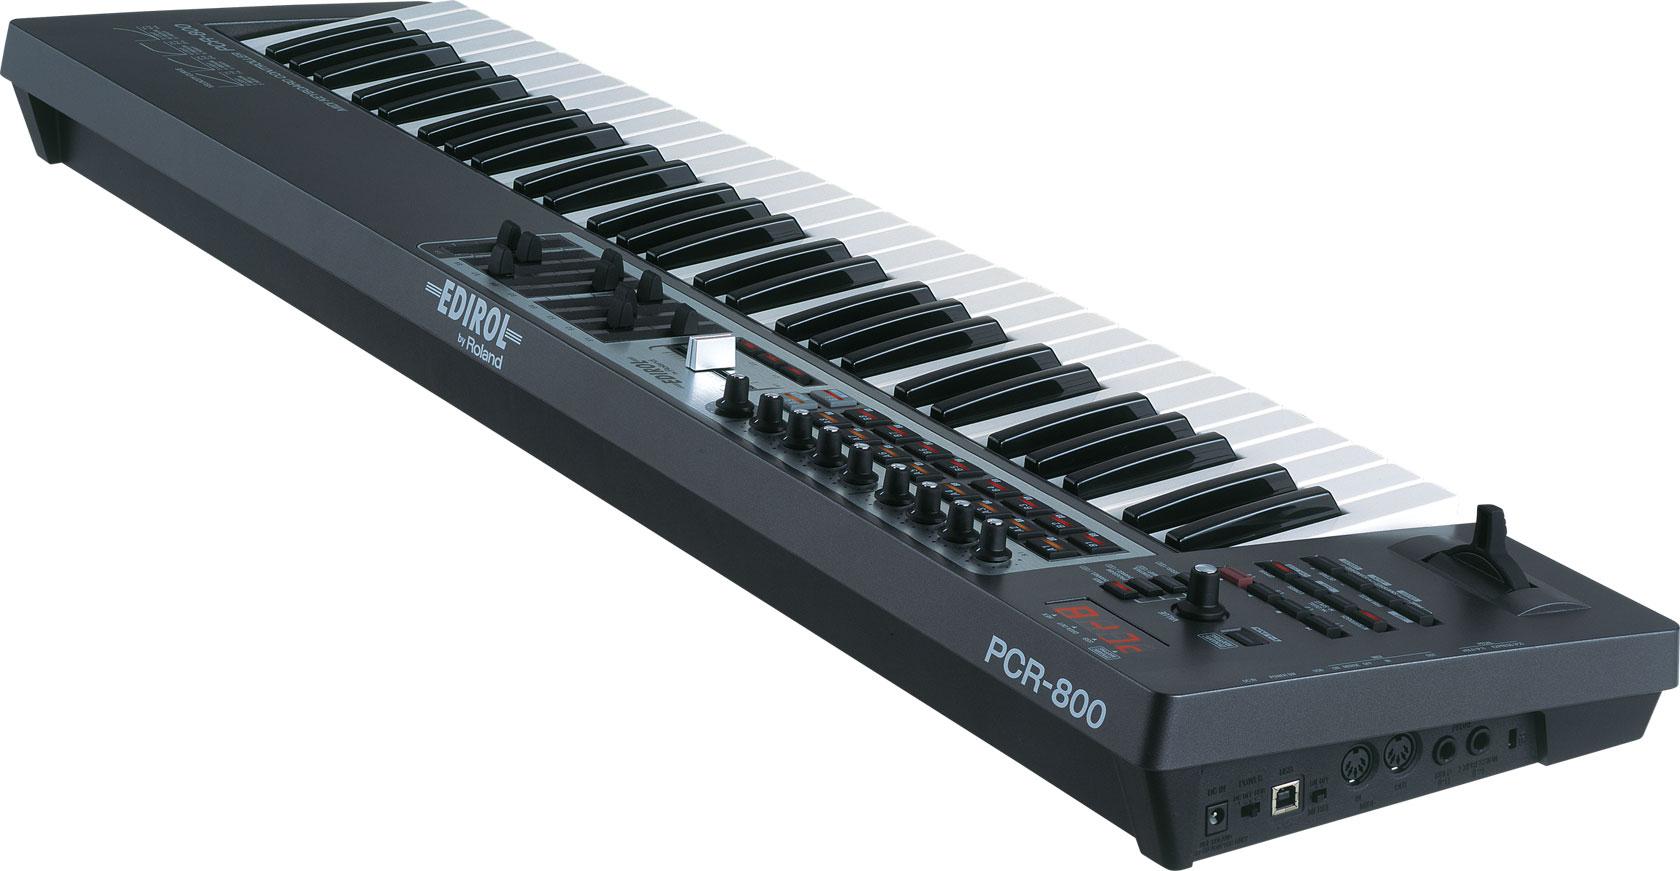 Roland - PCR-800 | USB MIDI Keyboard Controller